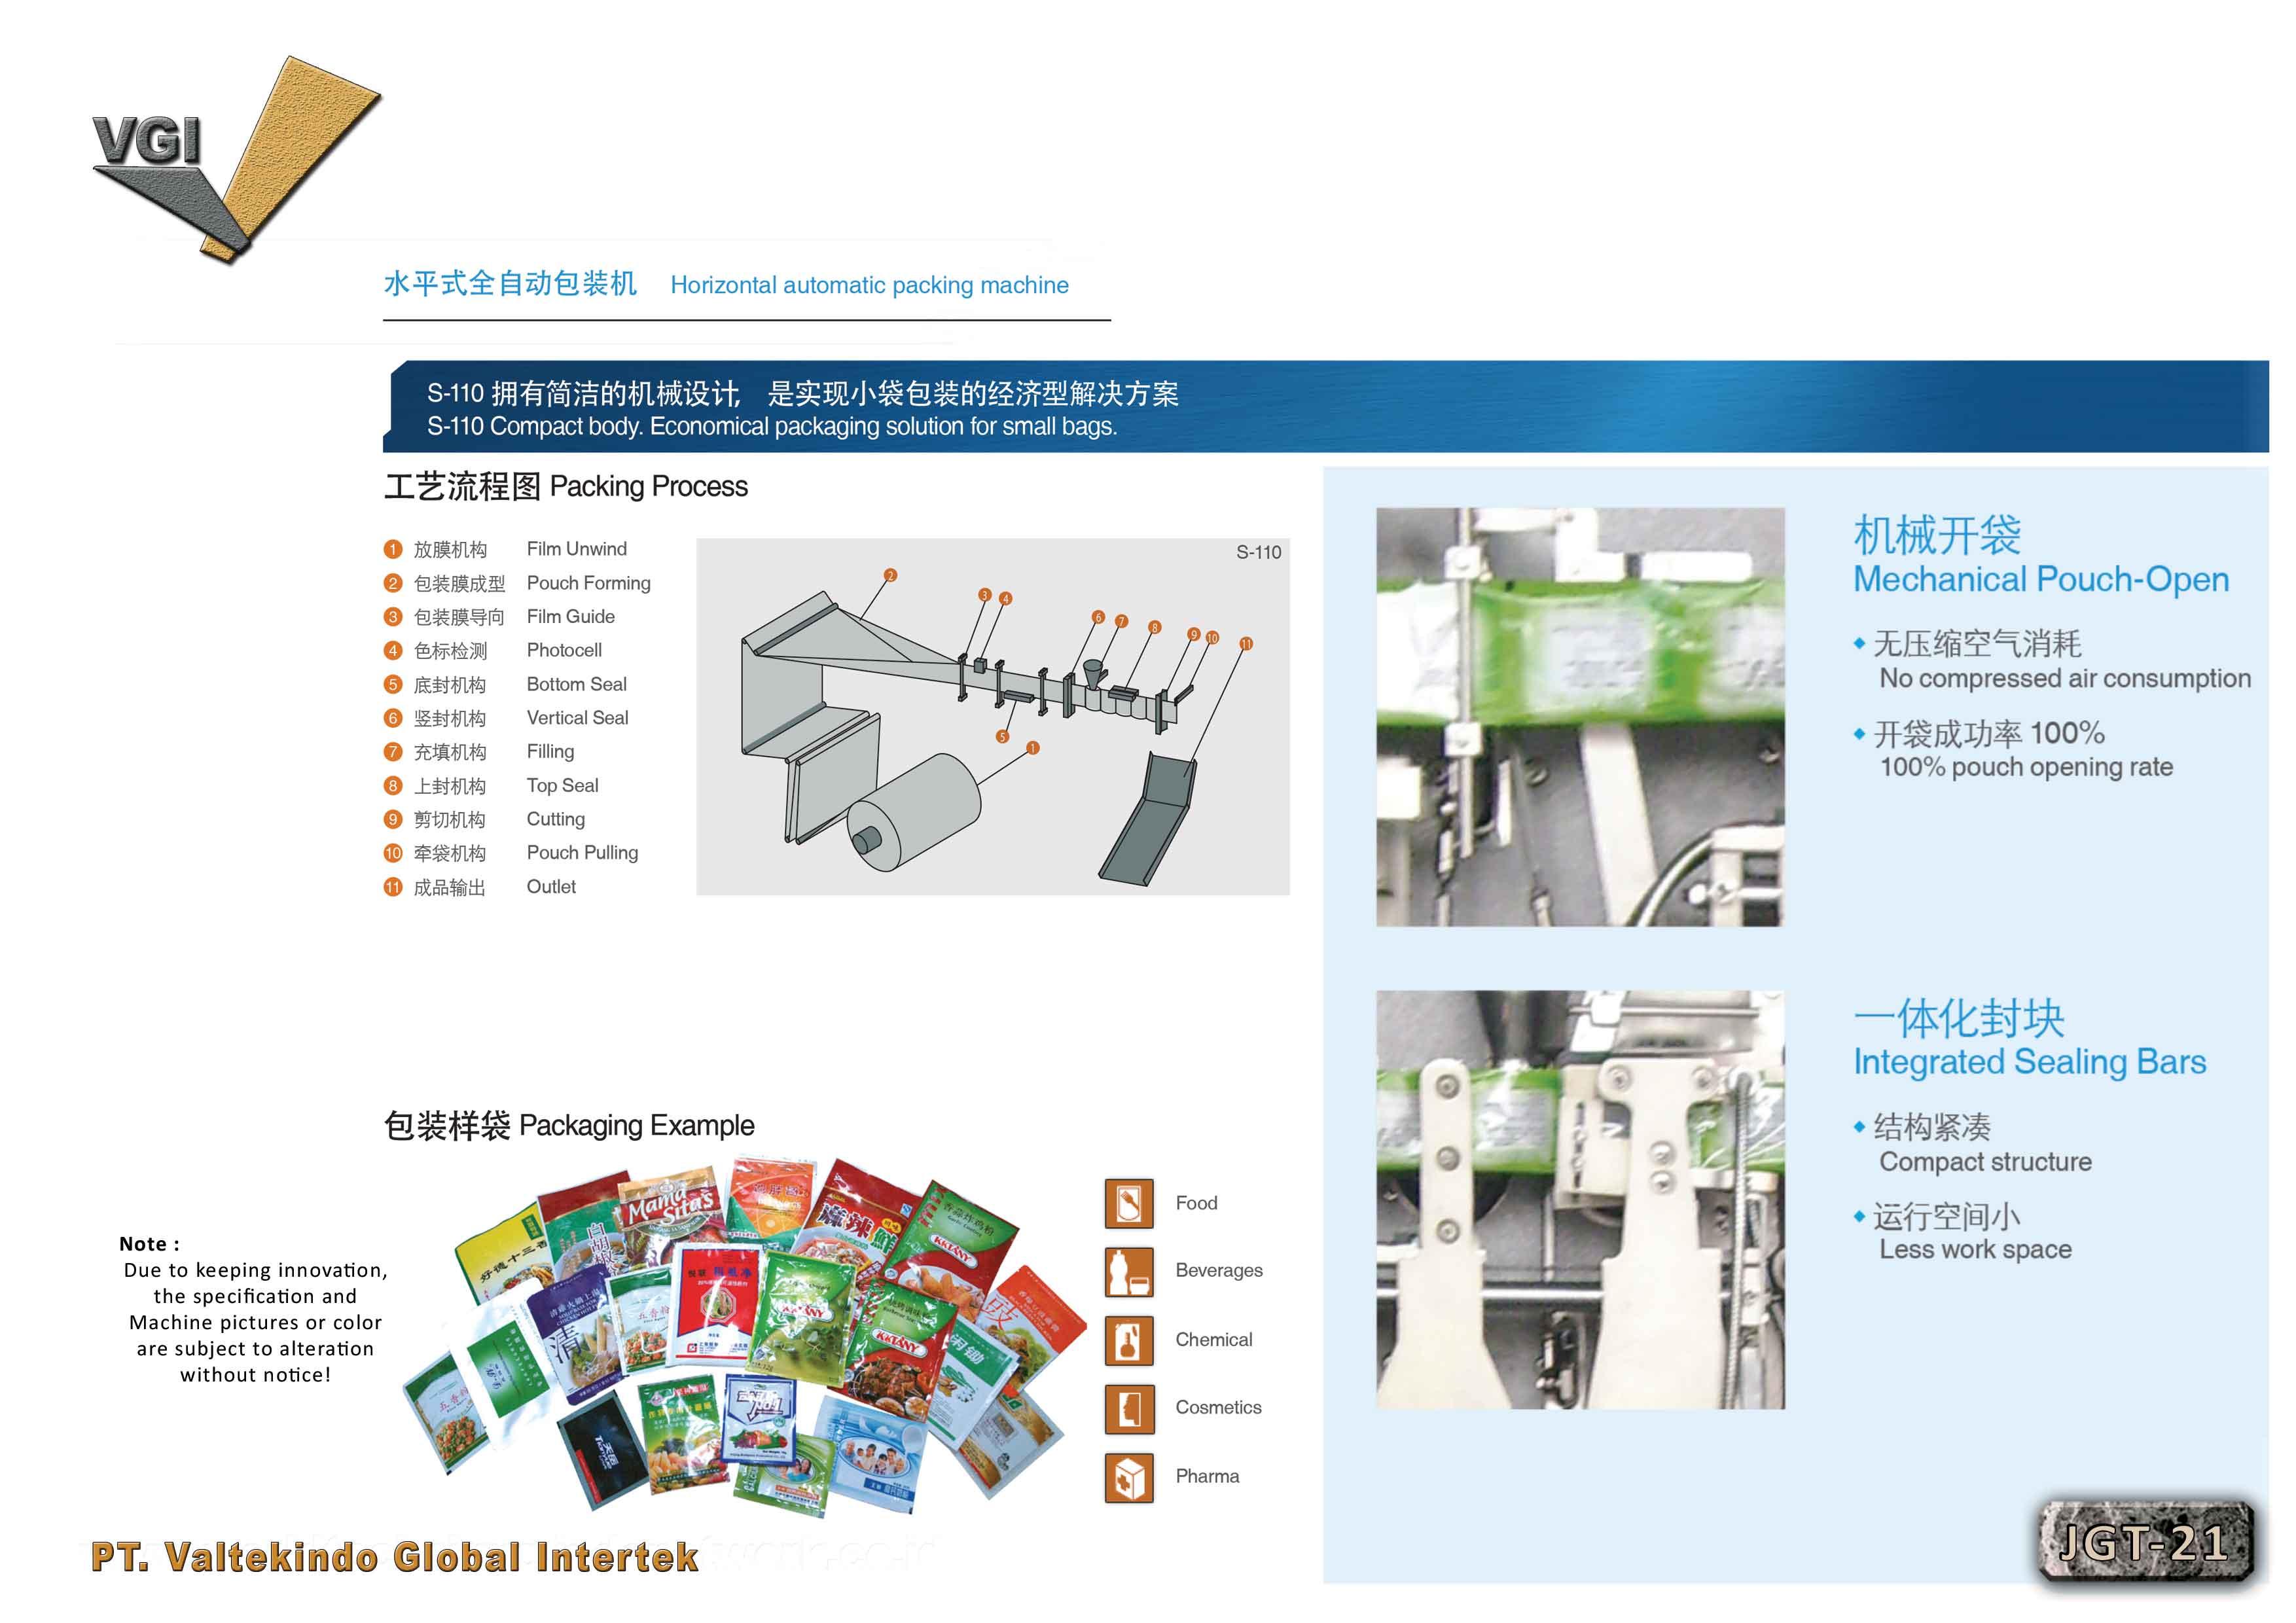 jual mesin, harga mesin, distributor mesin, jual mesin karet, daur ulang plastik Horizontal Automatic Packing Machine13 Horizontal Automatic Packing Machine13